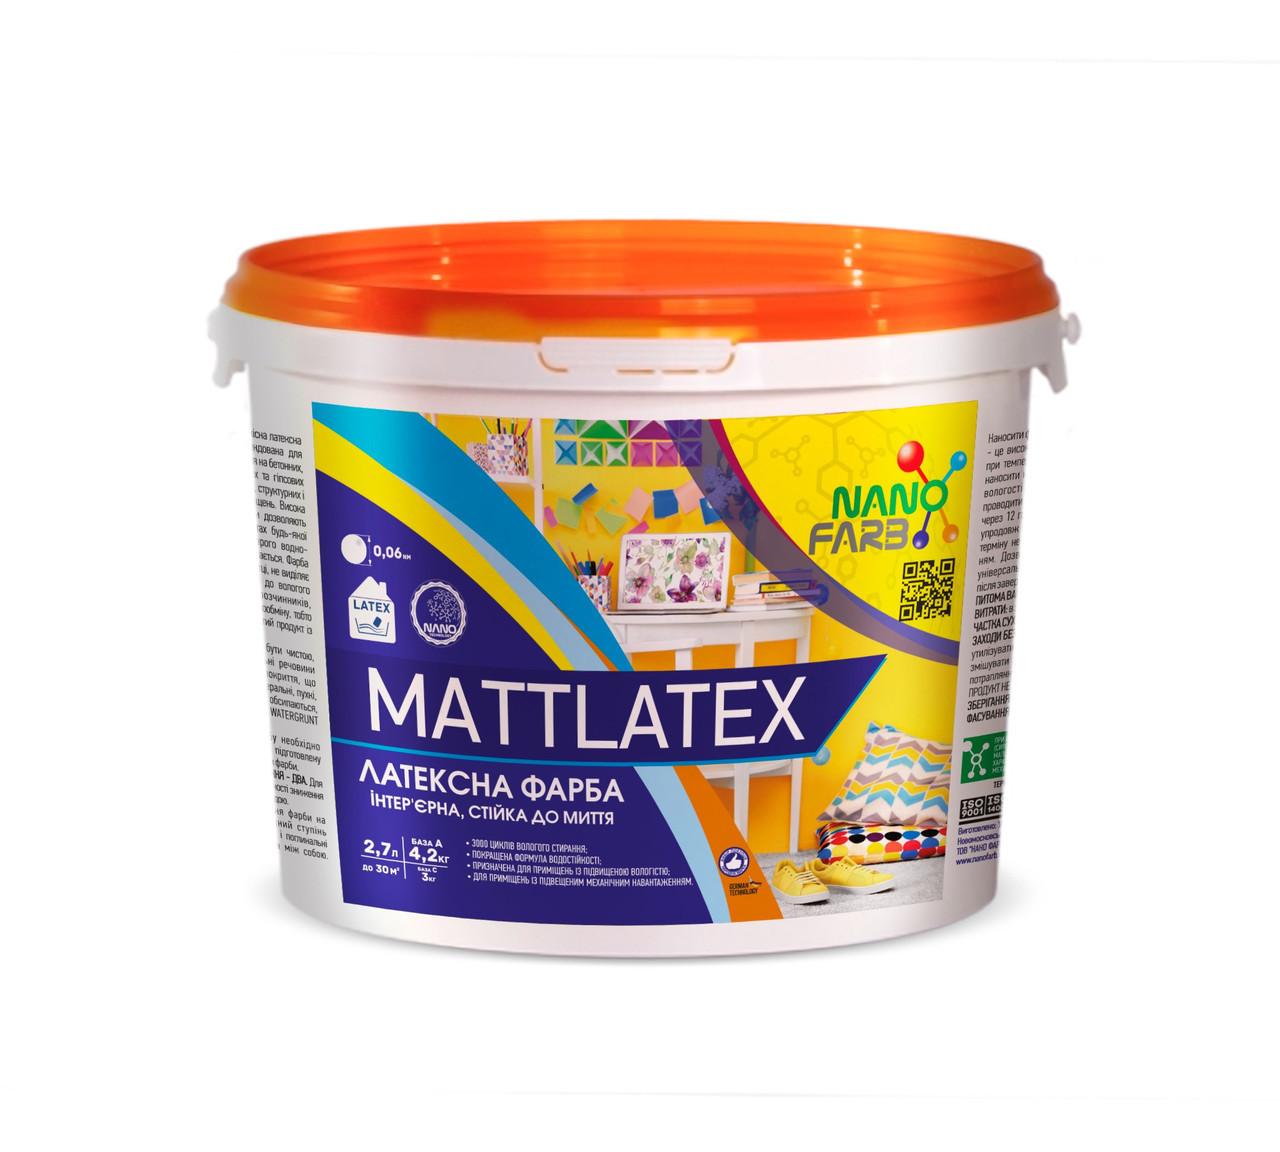 Интерьерная акриловая латексная краска моющая Mattlatex Nano farb 4.2 кг